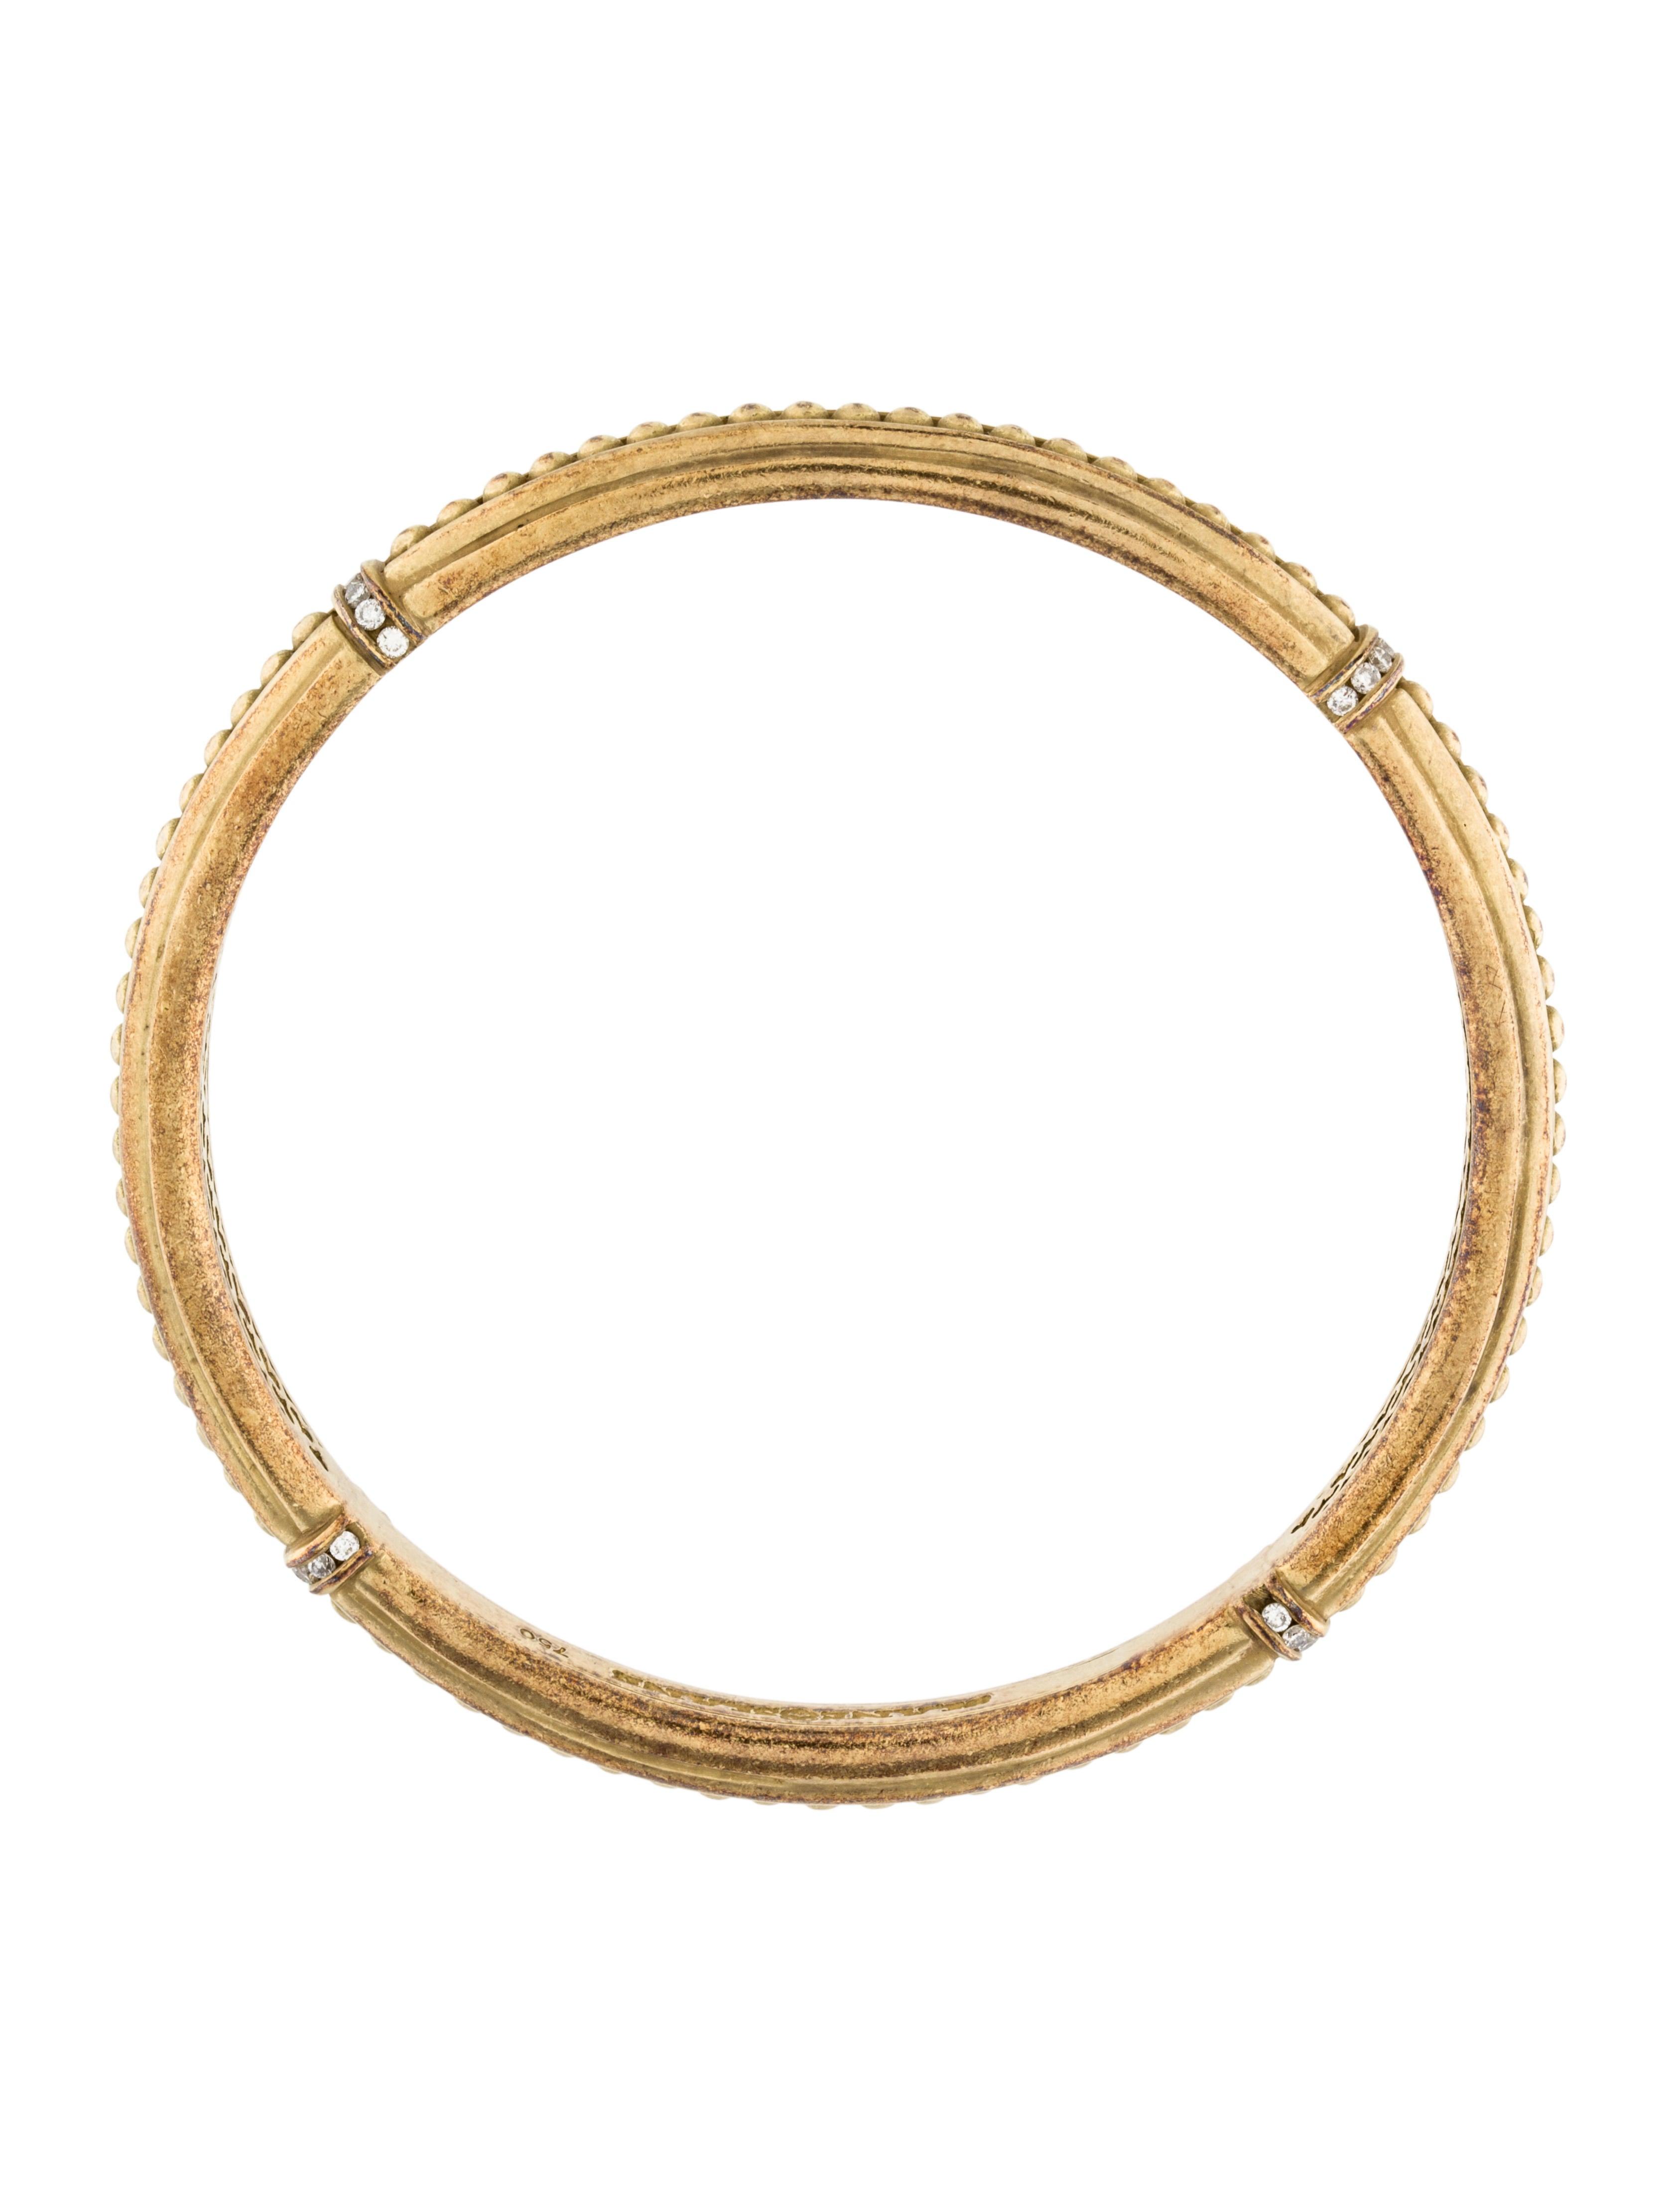 slane 18k diamond bangle bracelet bracelets ws520431. Black Bedroom Furniture Sets. Home Design Ideas